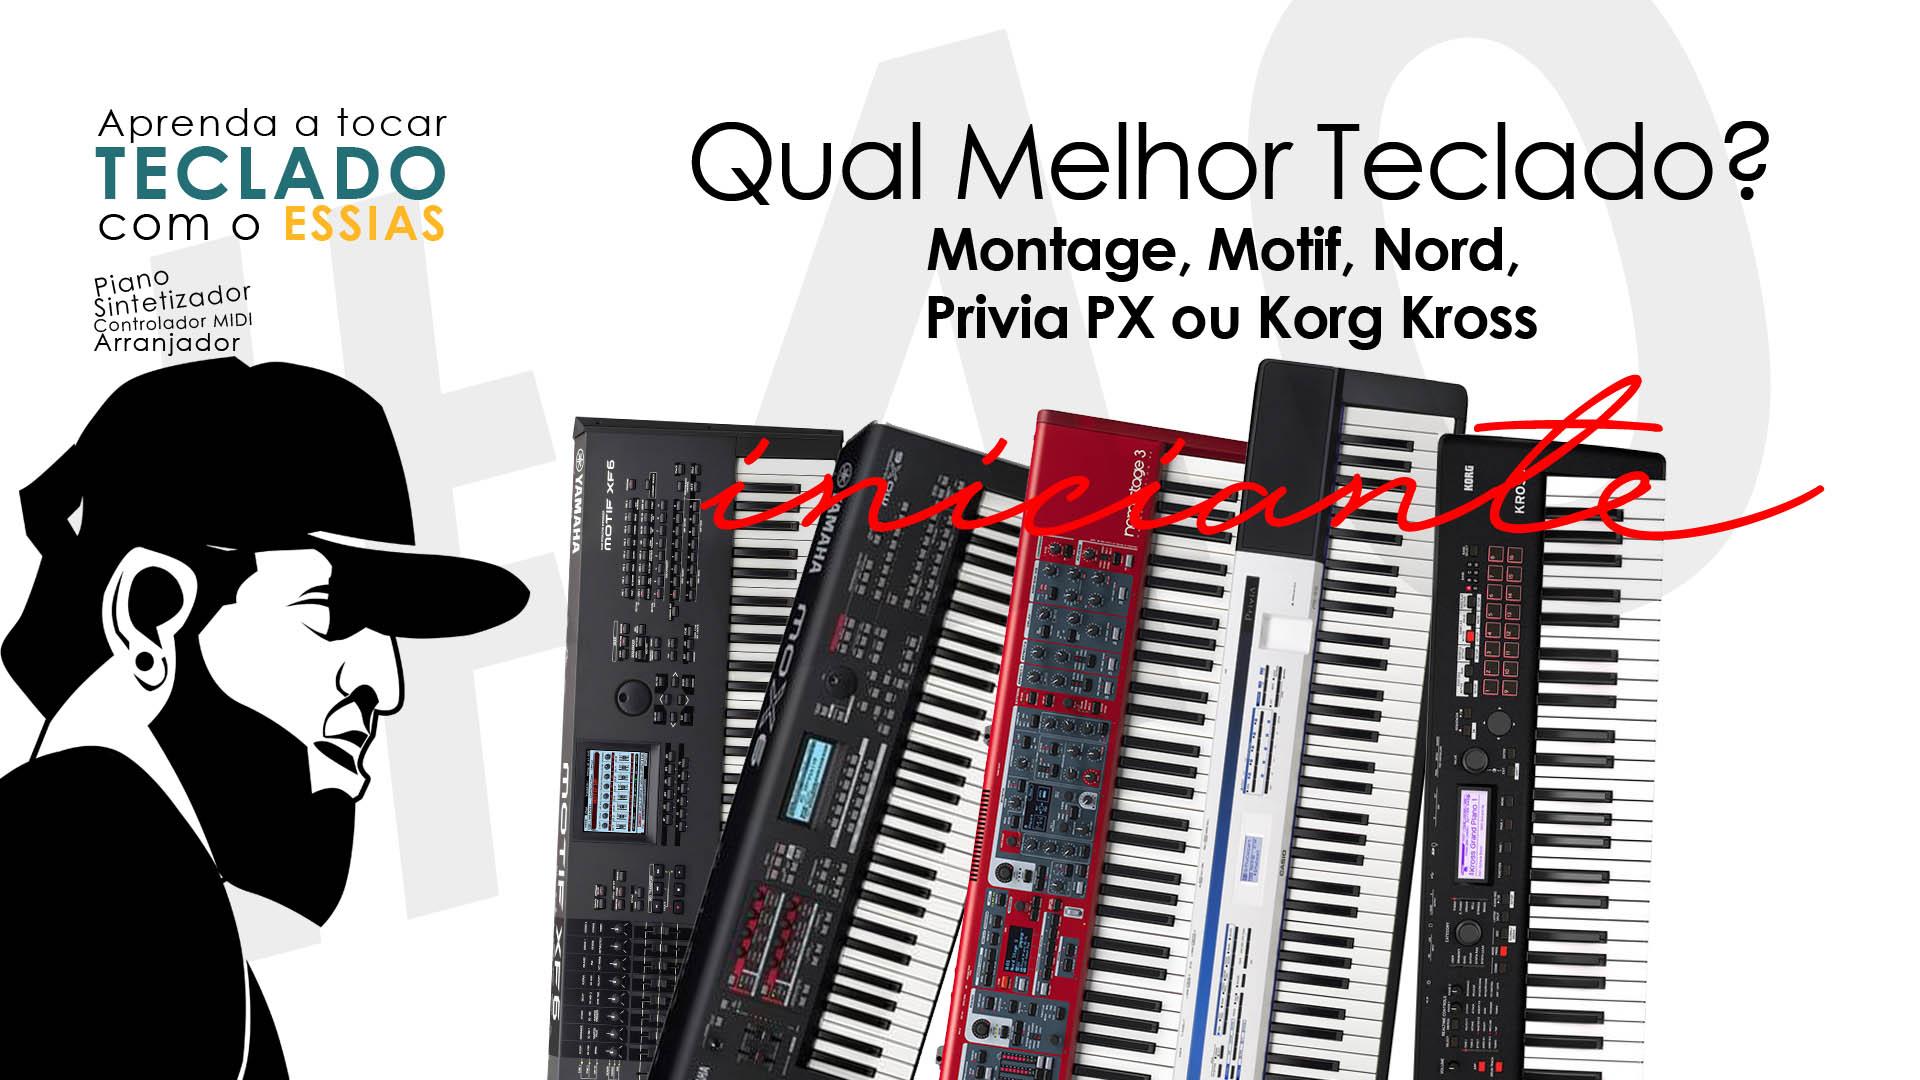 Qual é o Melhor Teclado? Motif, Montage, Nord Stage, Privia PX 5S ou Korg Kross?